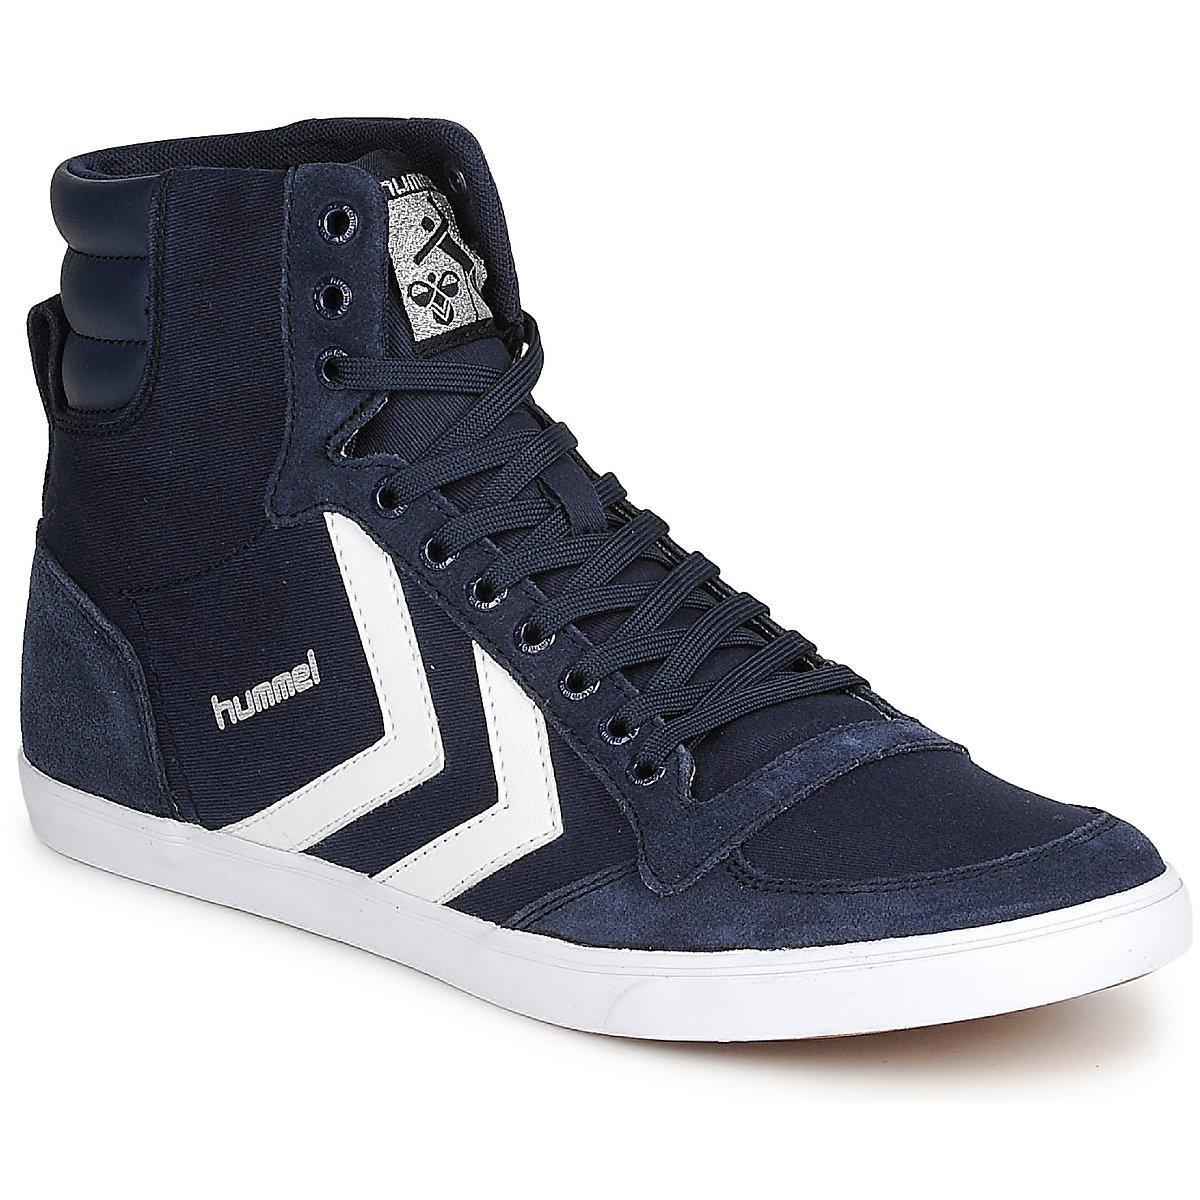 Hummel TEN STAR HIGH CANVAS Marine - Kostenloser Versand bei Spartoode ! - Schuhe Sneaker High  59,99 €